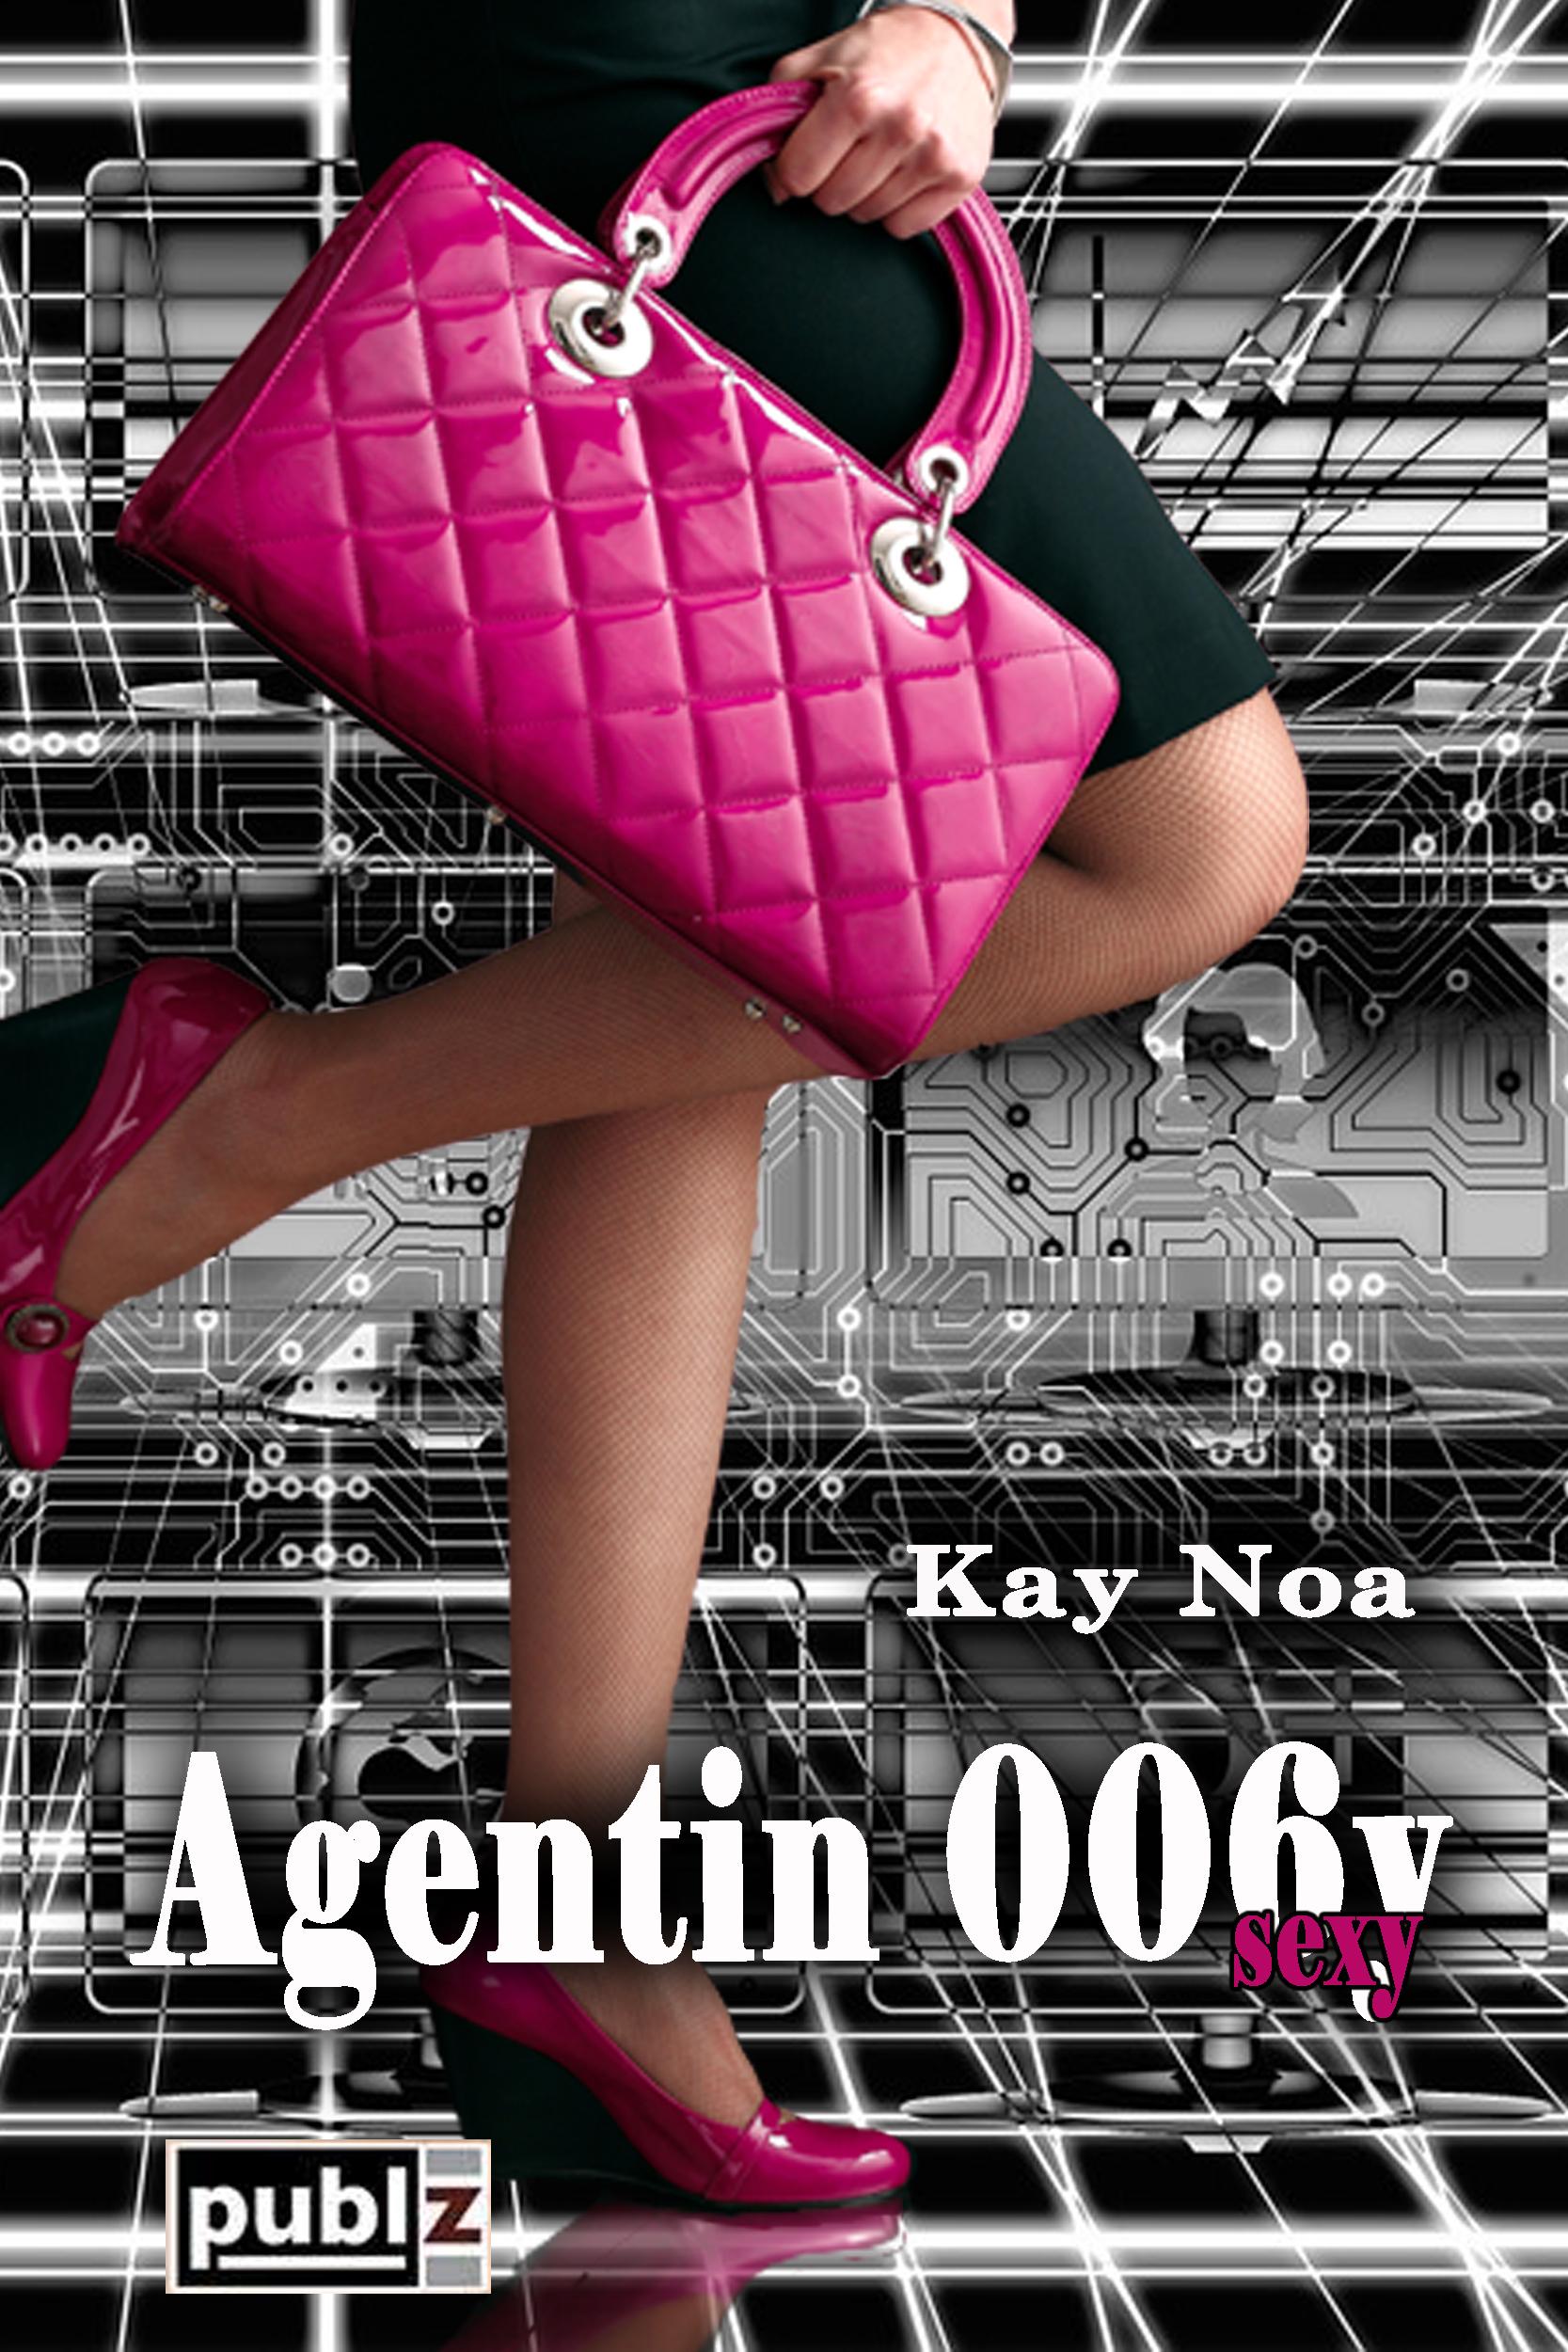 Agentin 006y